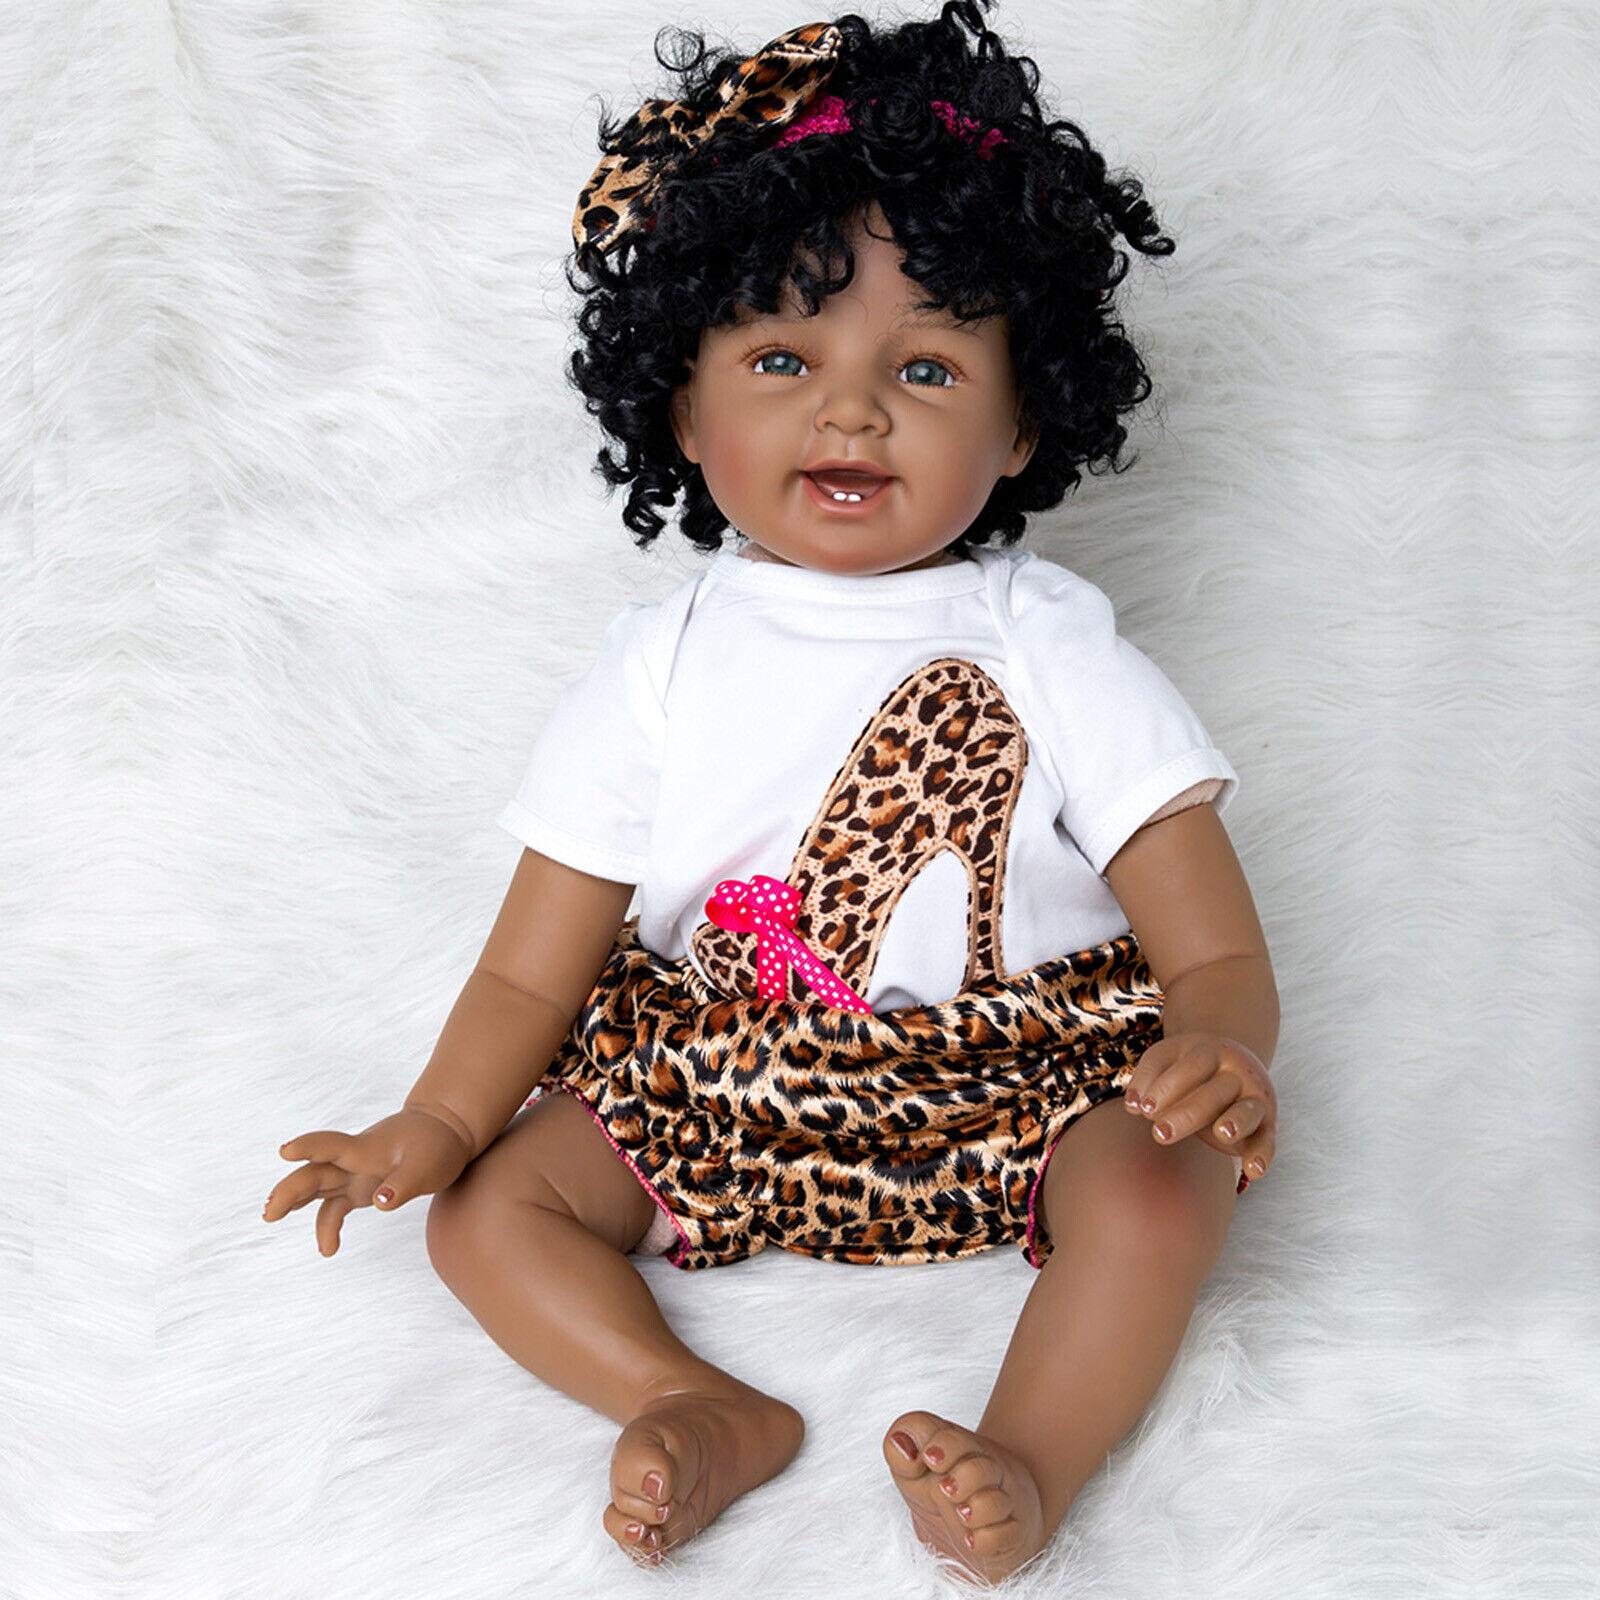 22  realistico Bambole Reborn fatto a mano neonato Ragazze Bambola Morbido Vinile regali